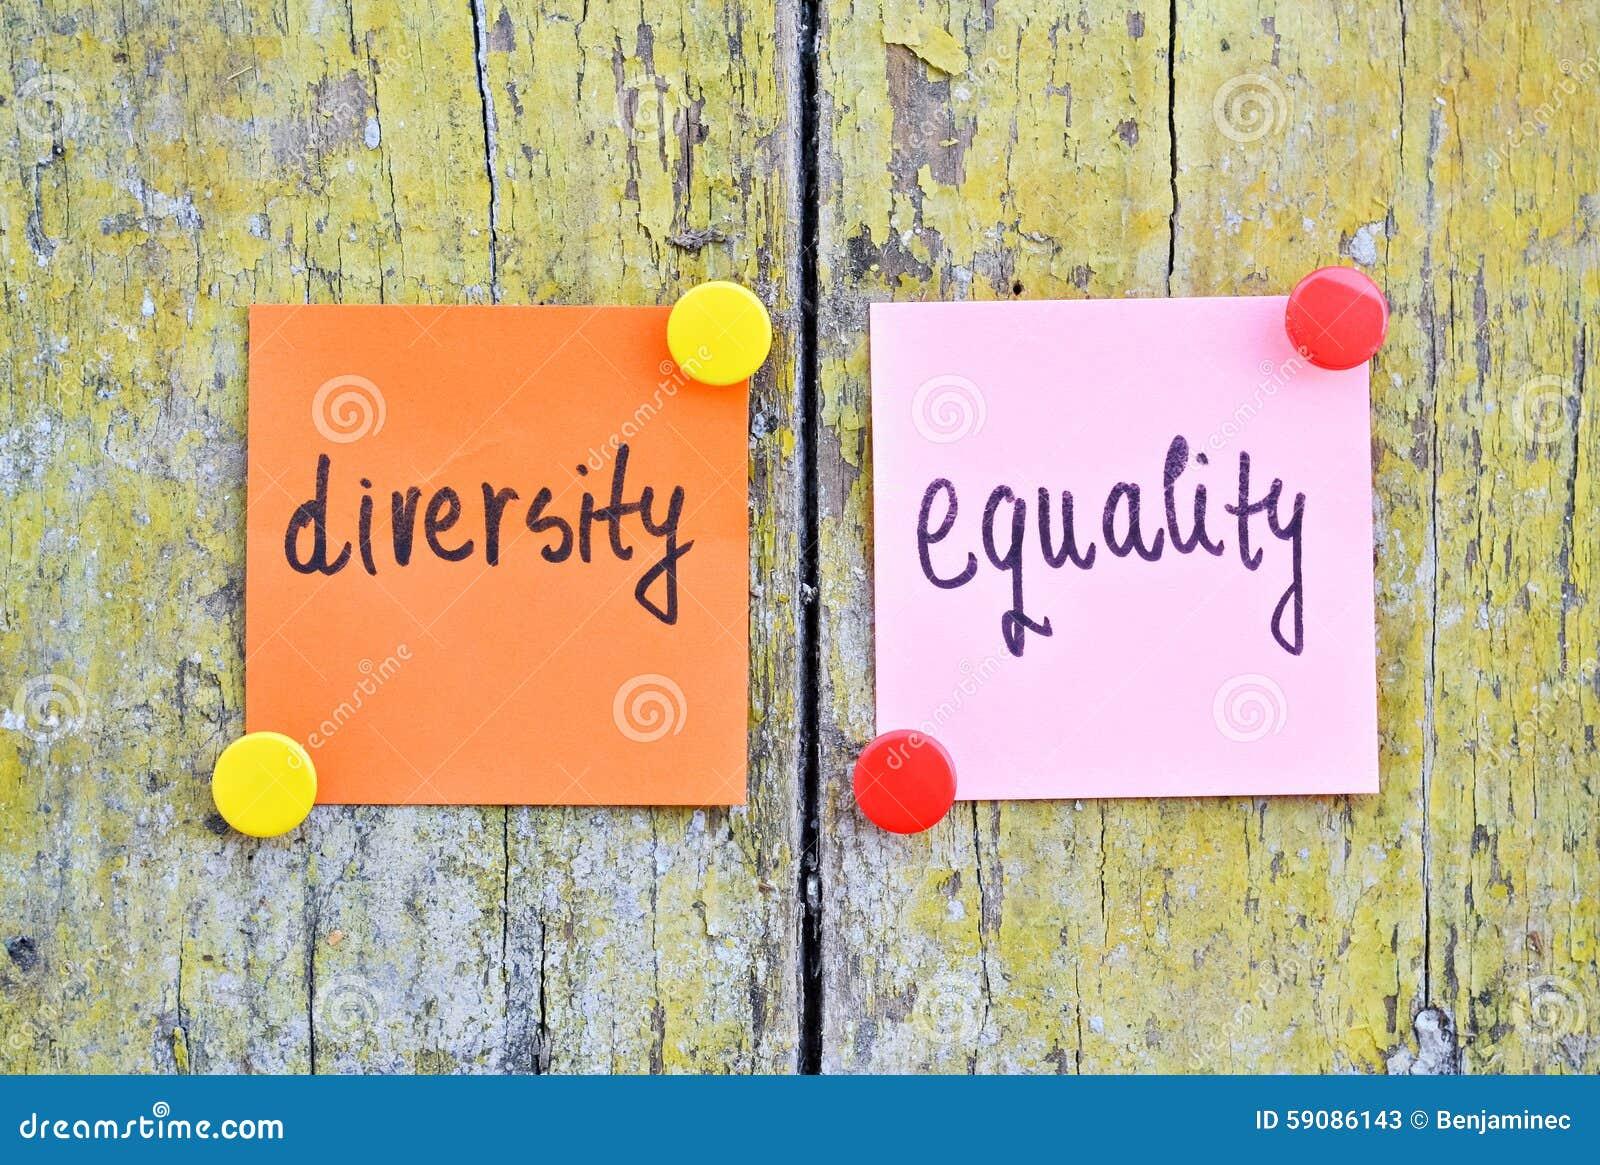 Verschiedenartigkeit und Gleichheit